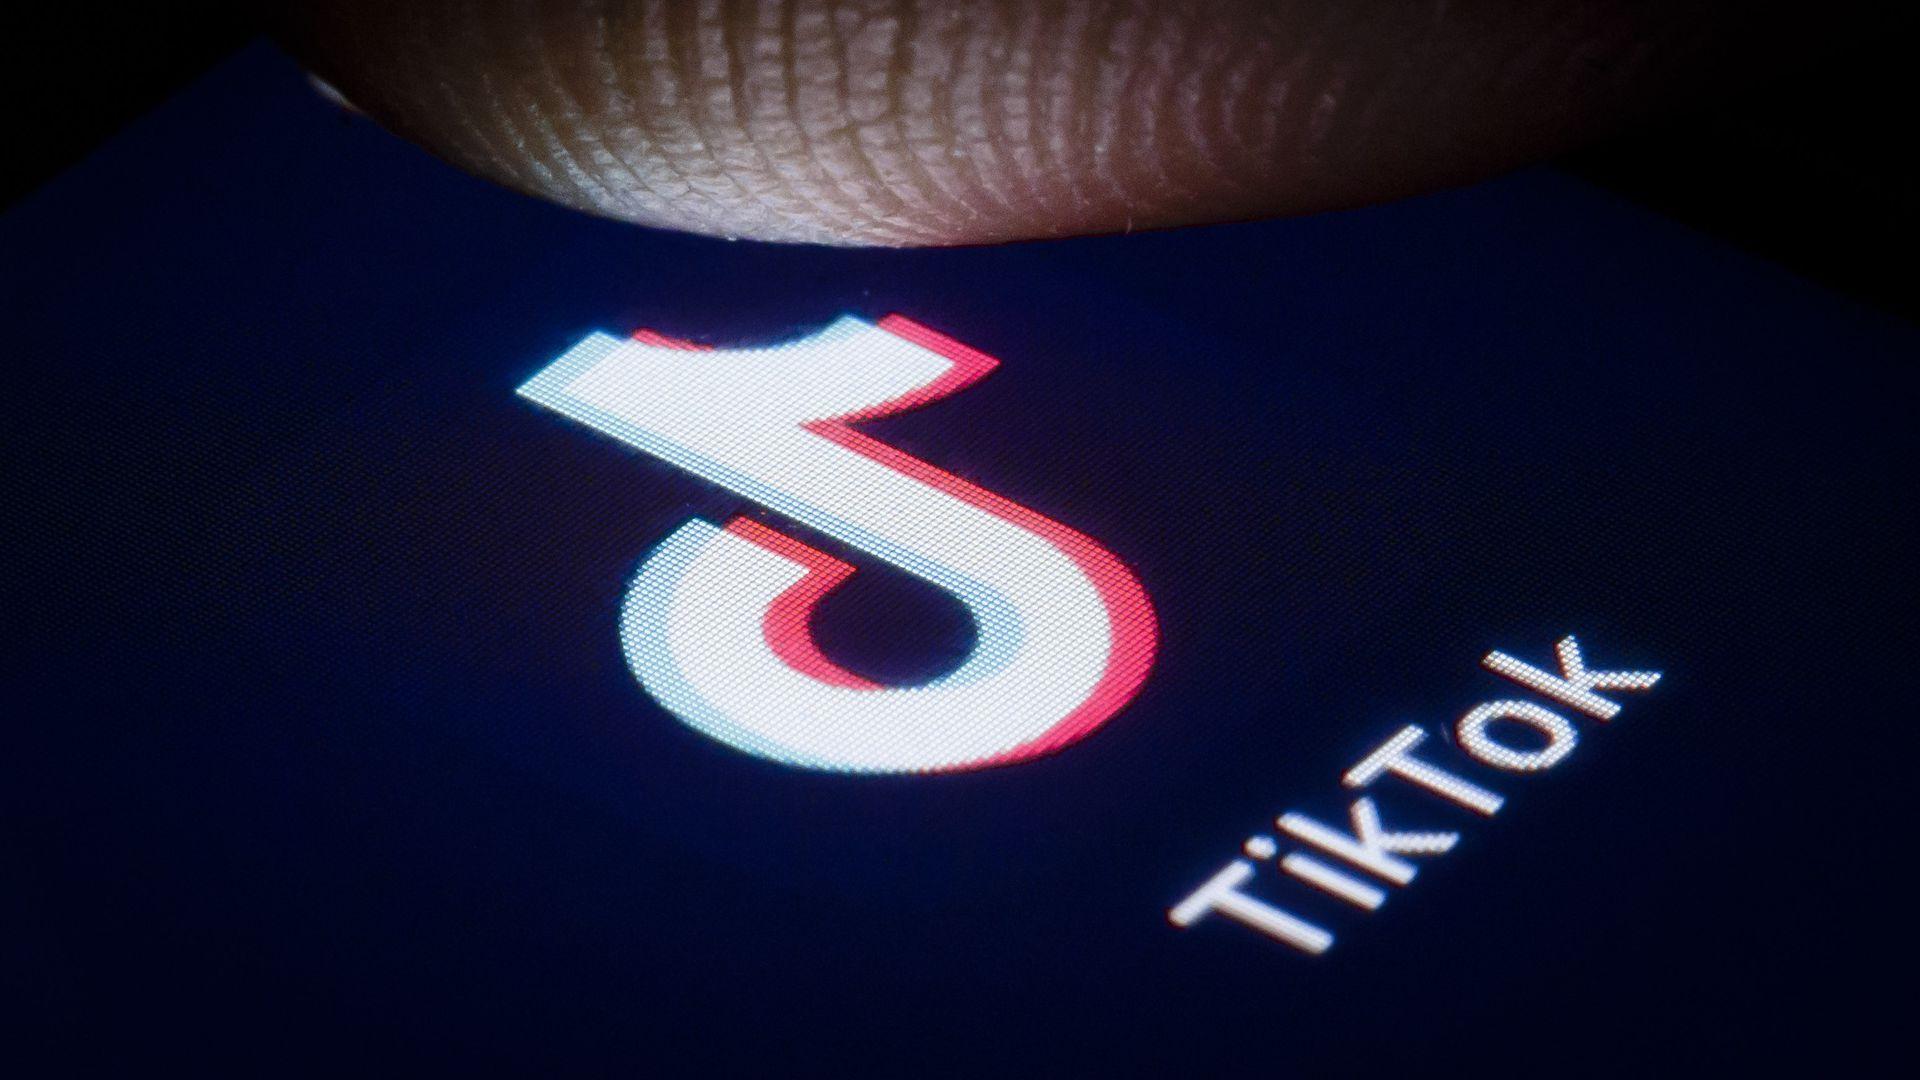 TikTok bị phạt số tiền kỷ lục vì thu thập thông tin trẻ em bất hợp pháp - ảnh 1